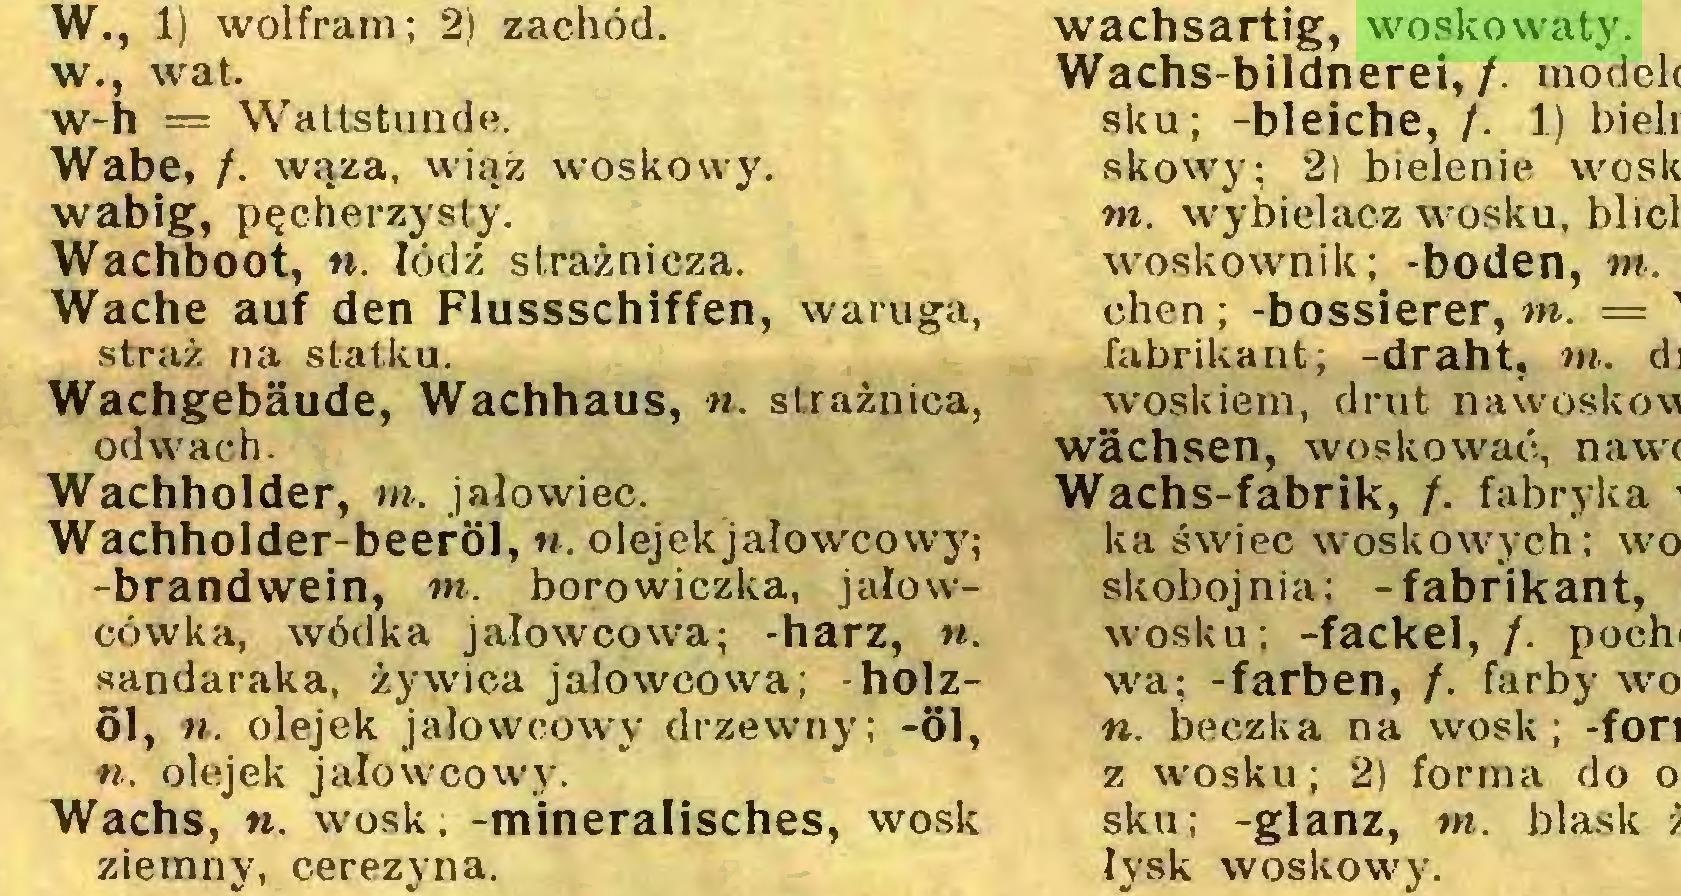 (...) Wachs, n. wosk. -mineralisches, wosk ziemny, cerezyna. wachsartig, woskowaty...